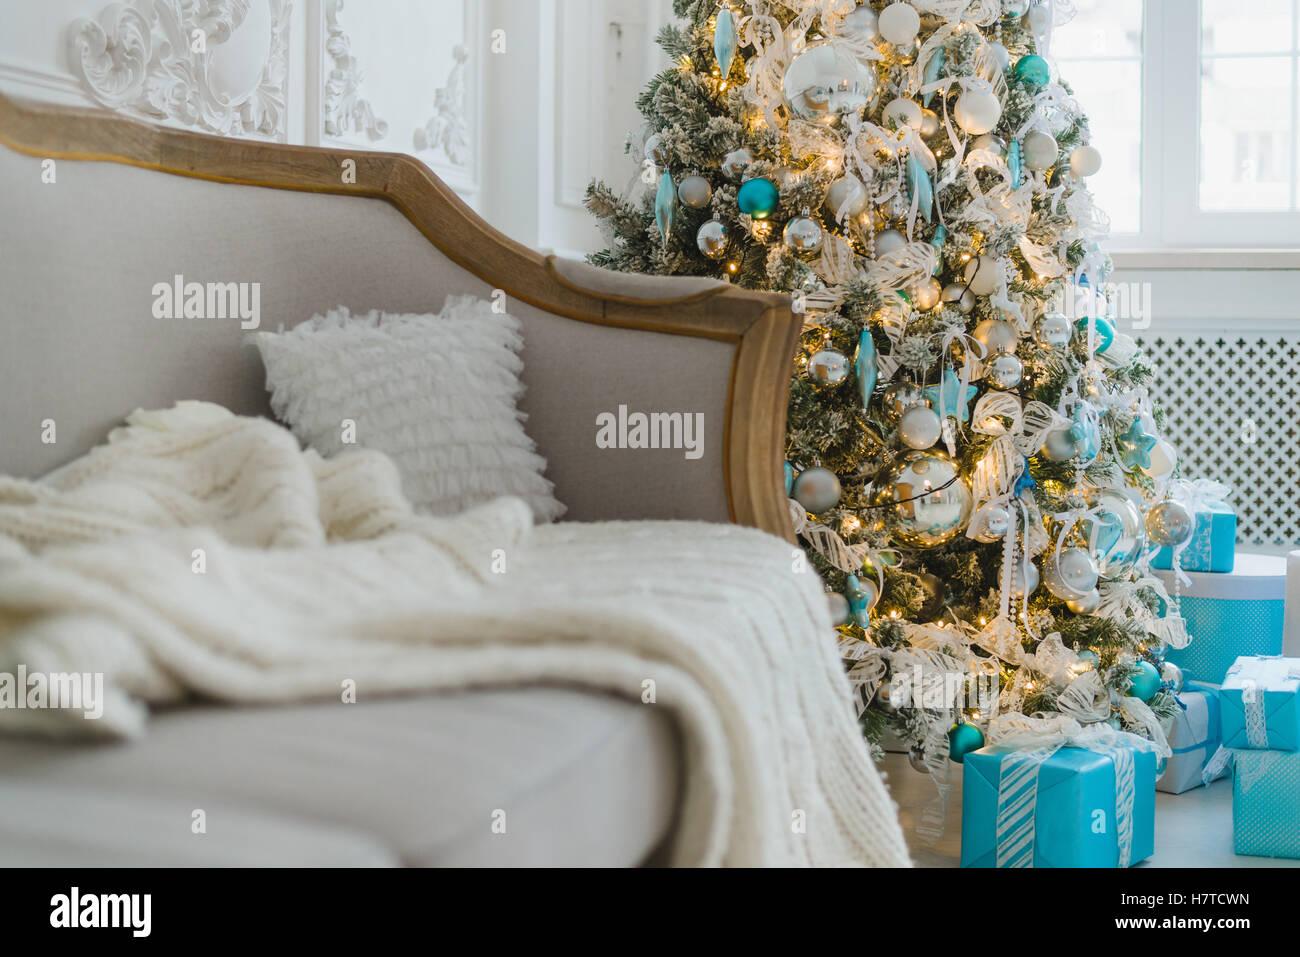 D coration de no l ou nouvel an au salon int rieur et for Decoration maison nouvel an